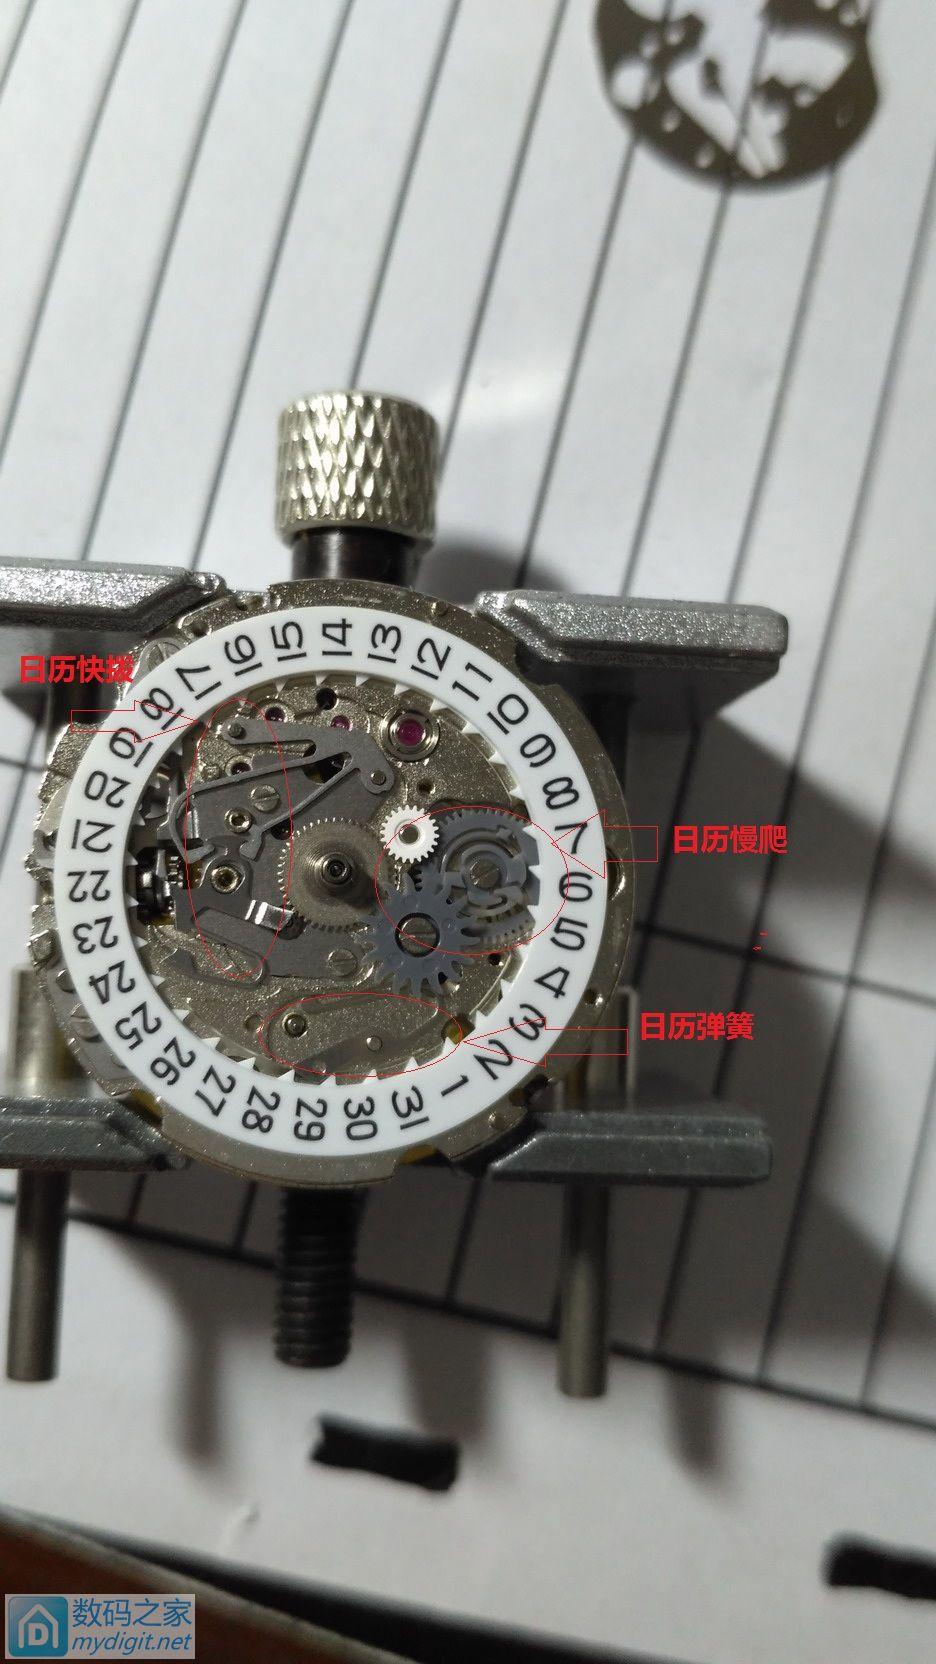 一块多针宾利BINLI BY6002G,简单介绍下DIY装针器